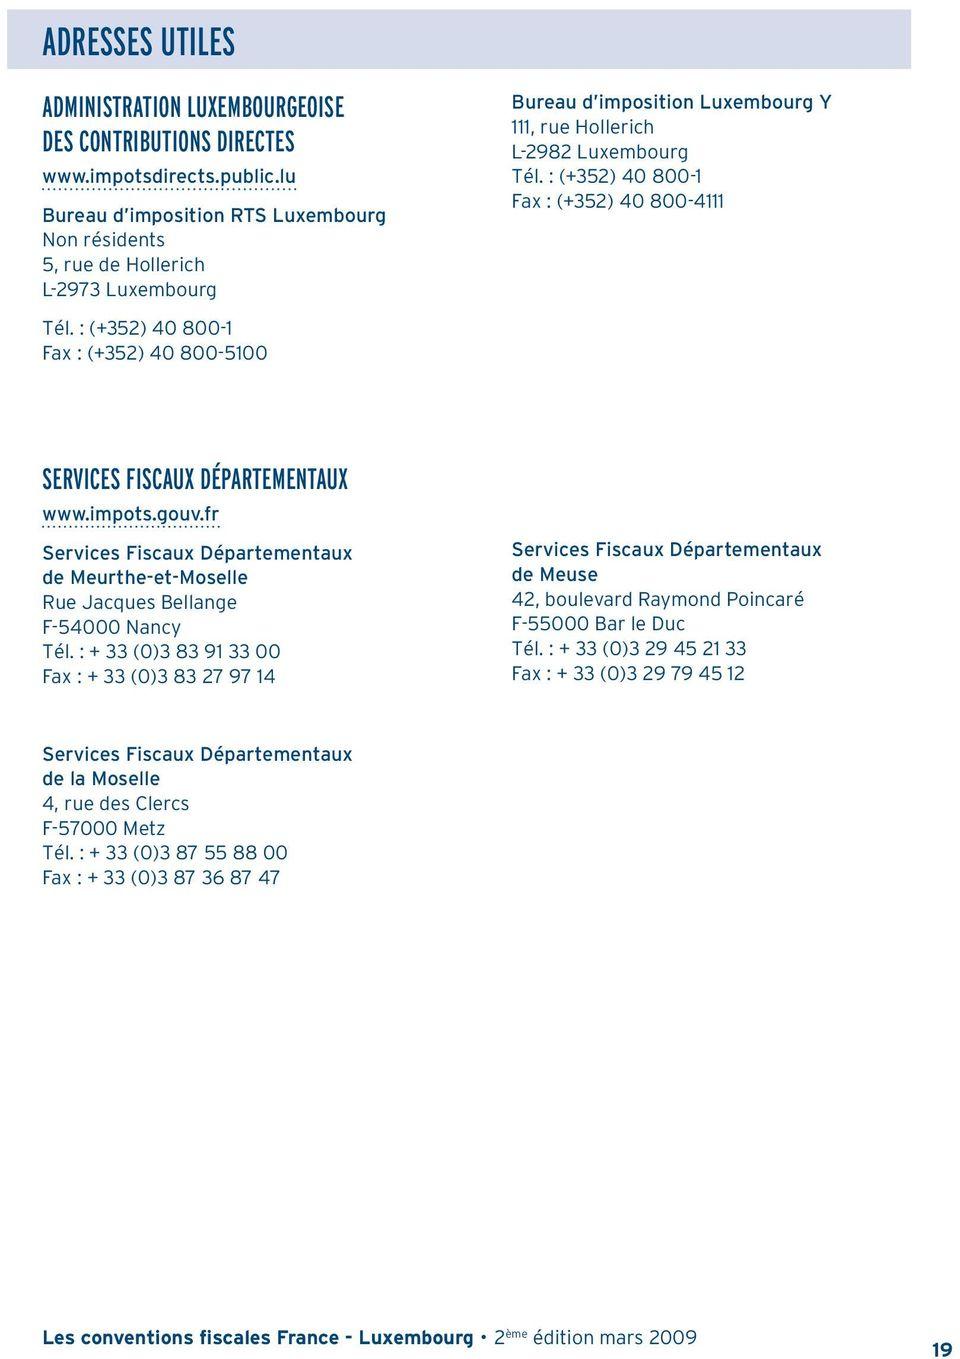 ADRESSES UTILES Amp LISTE DES CONSEILLERS EURES PDF